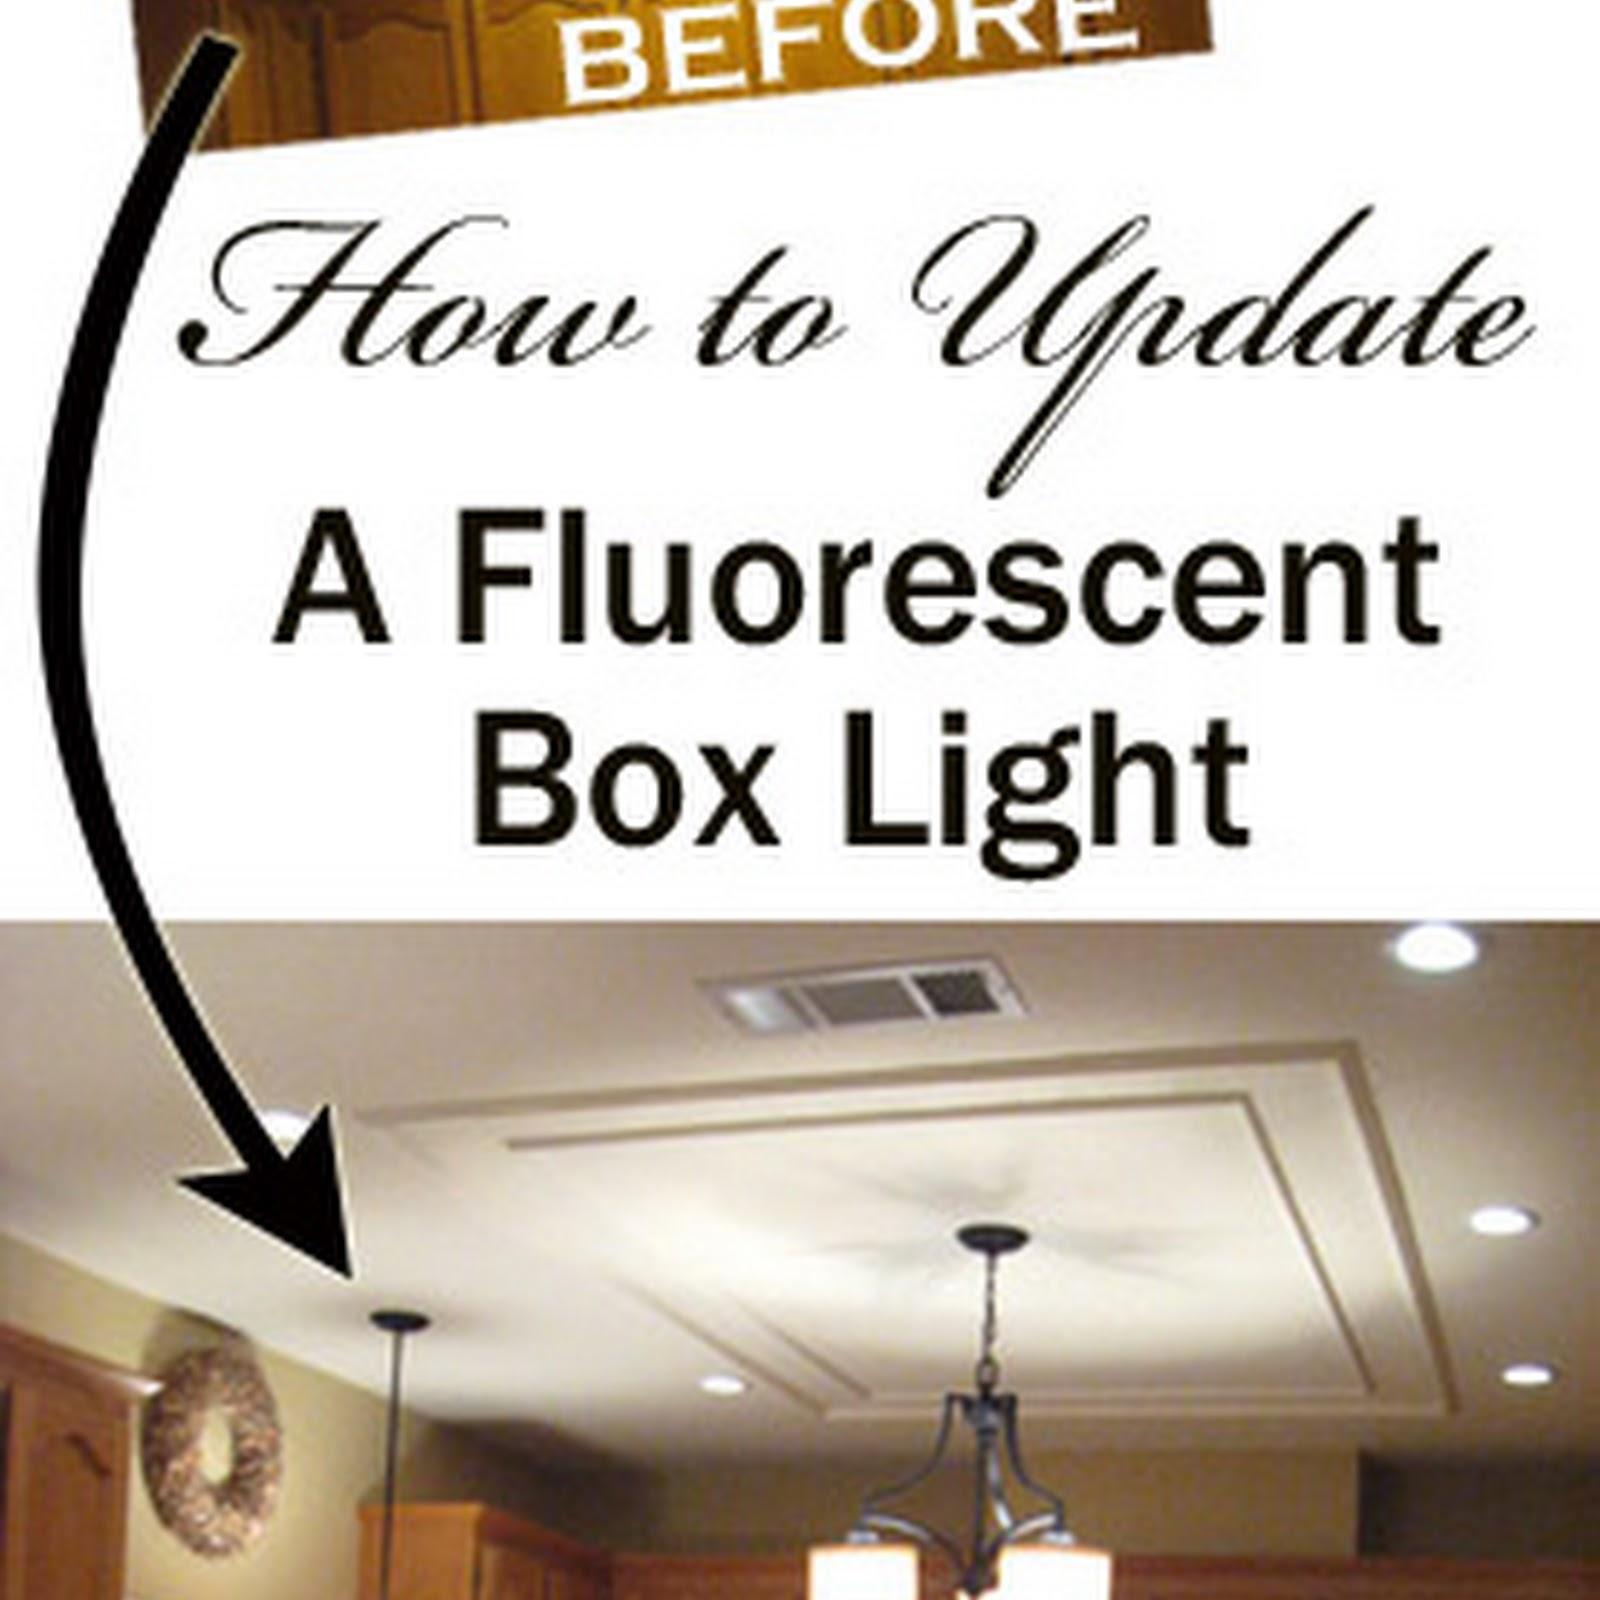 Fluorescent Light Fixture Box: Removing A Fluorescent Kitchen Light Box